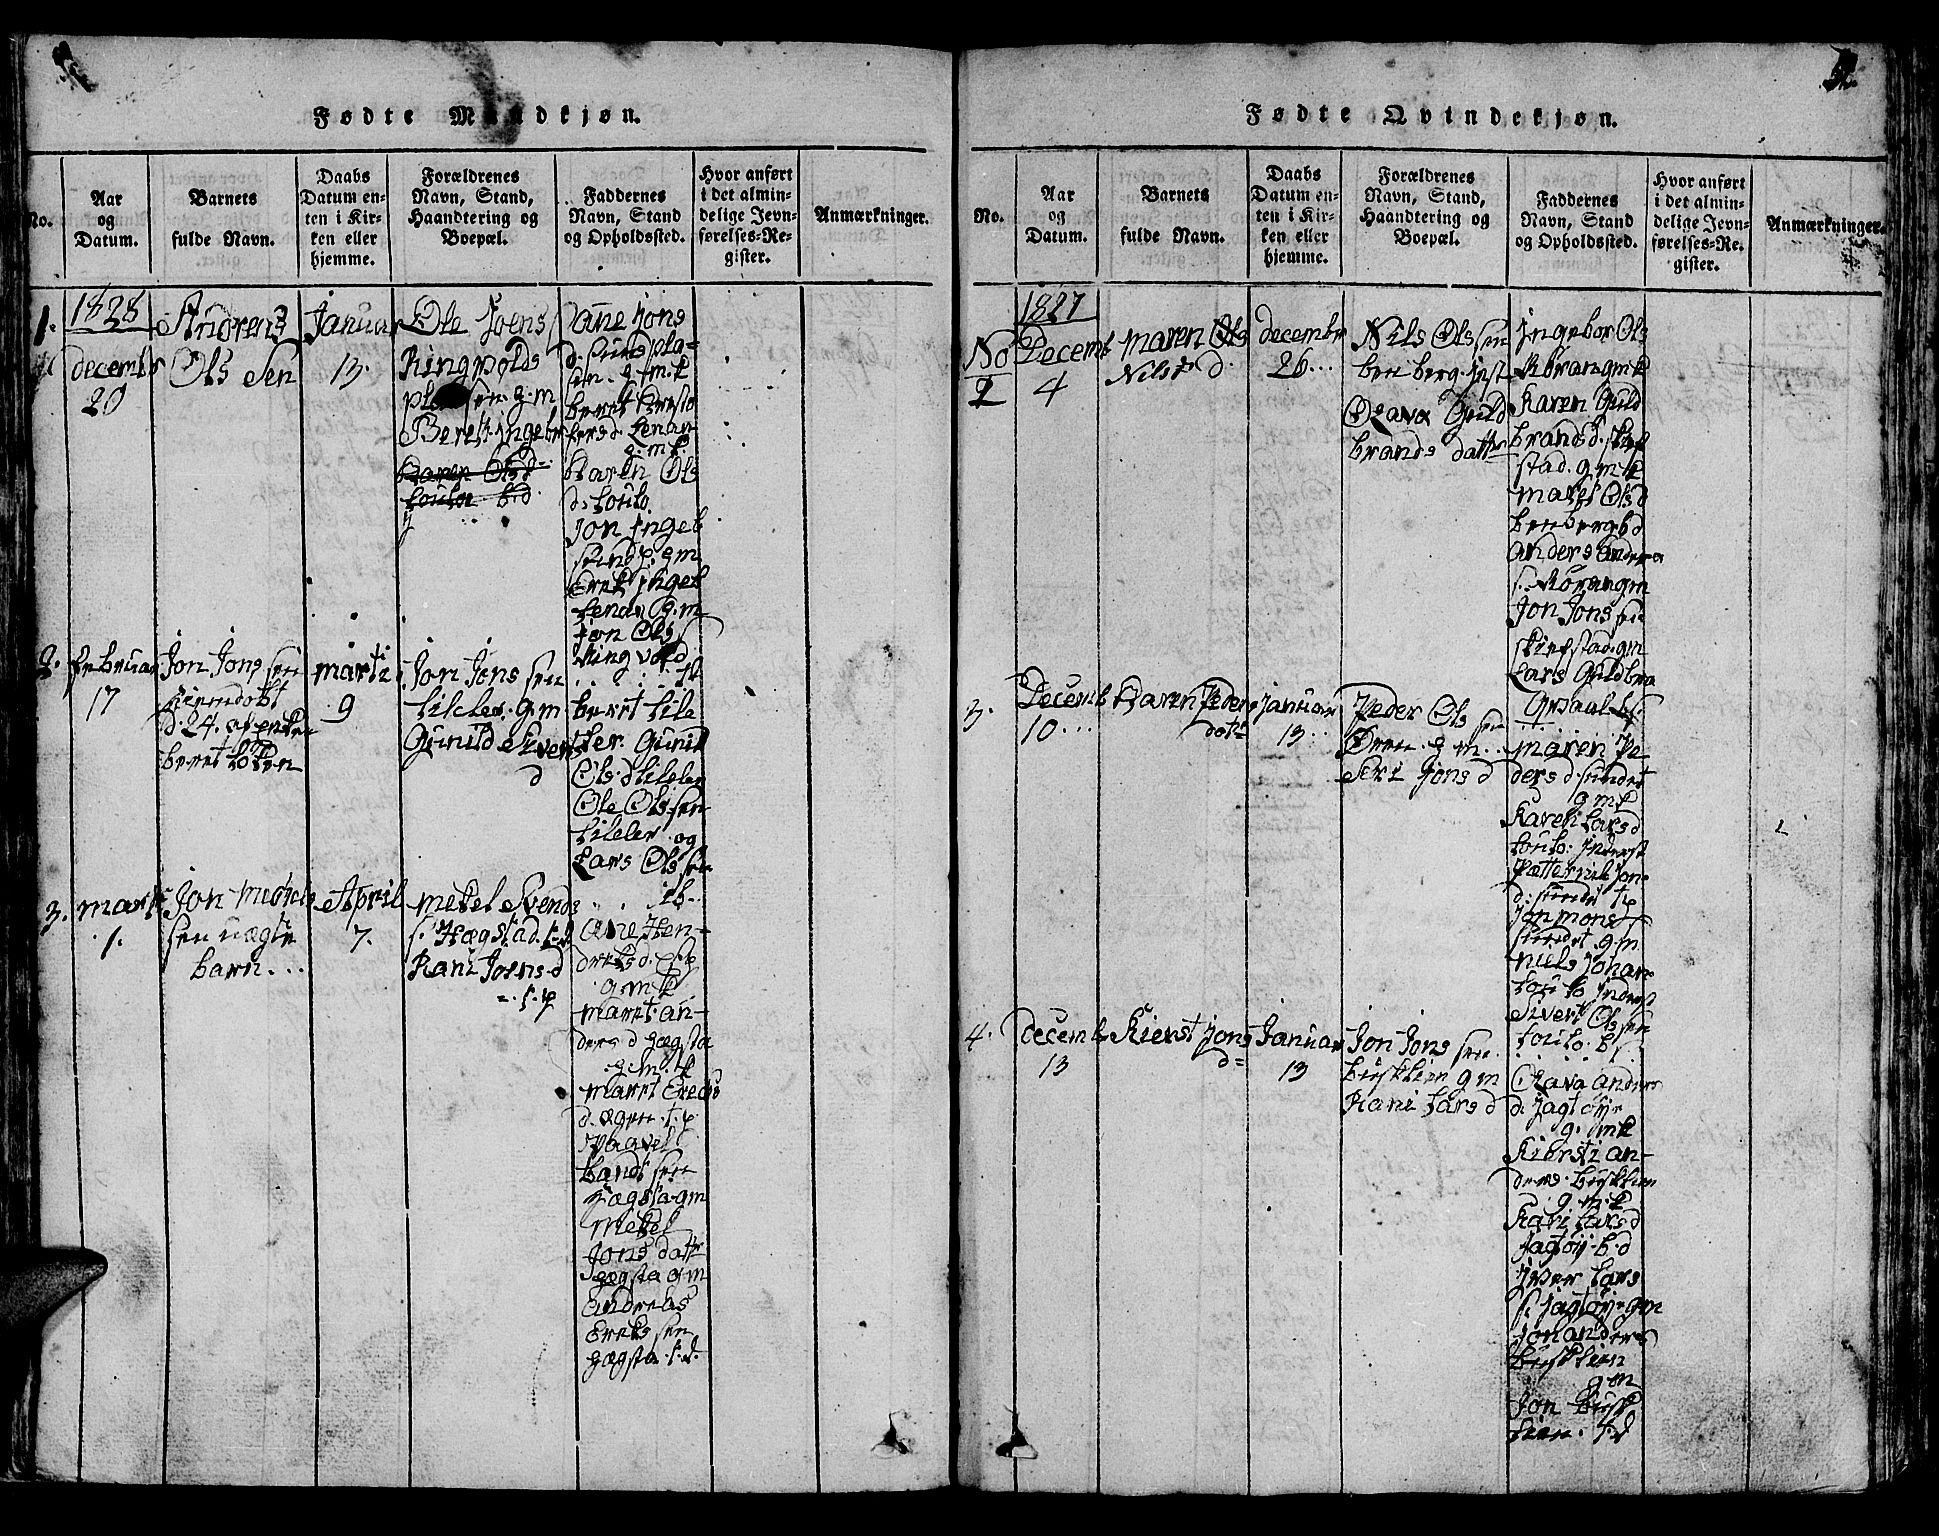 SAT, Ministerialprotokoller, klokkerbøker og fødselsregistre - Sør-Trøndelag, 613/L0393: Klokkerbok nr. 613C01, 1816-1886, s. 52